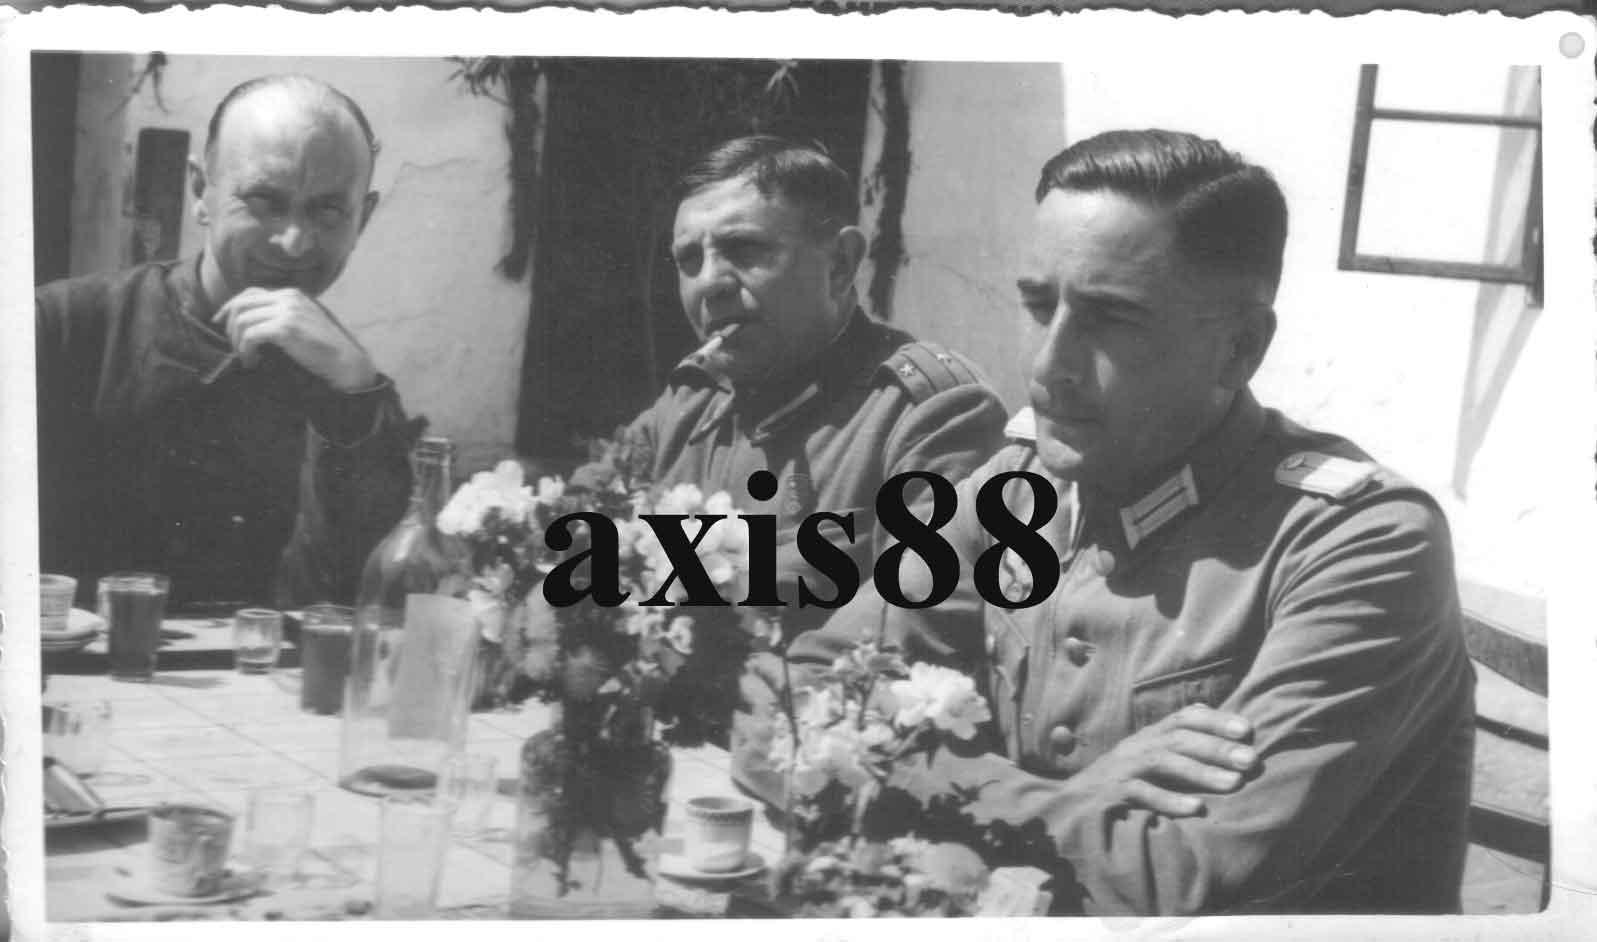 Фото 1-го полка Русского корпуса.